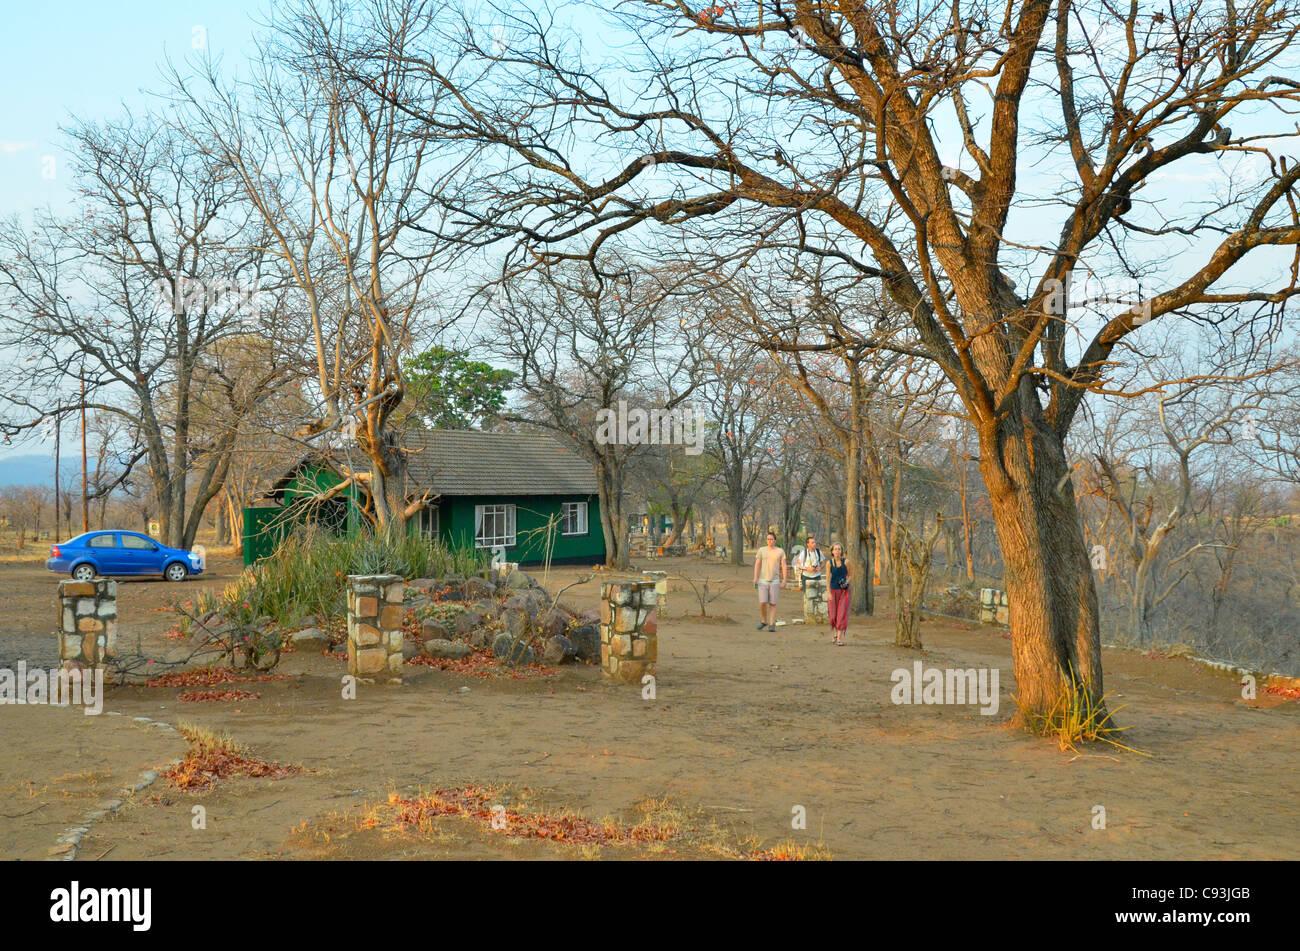 Le Zimbabwe est un petit pays doté d'une incroyable variété de paysages et d'animaux. Photo Stock